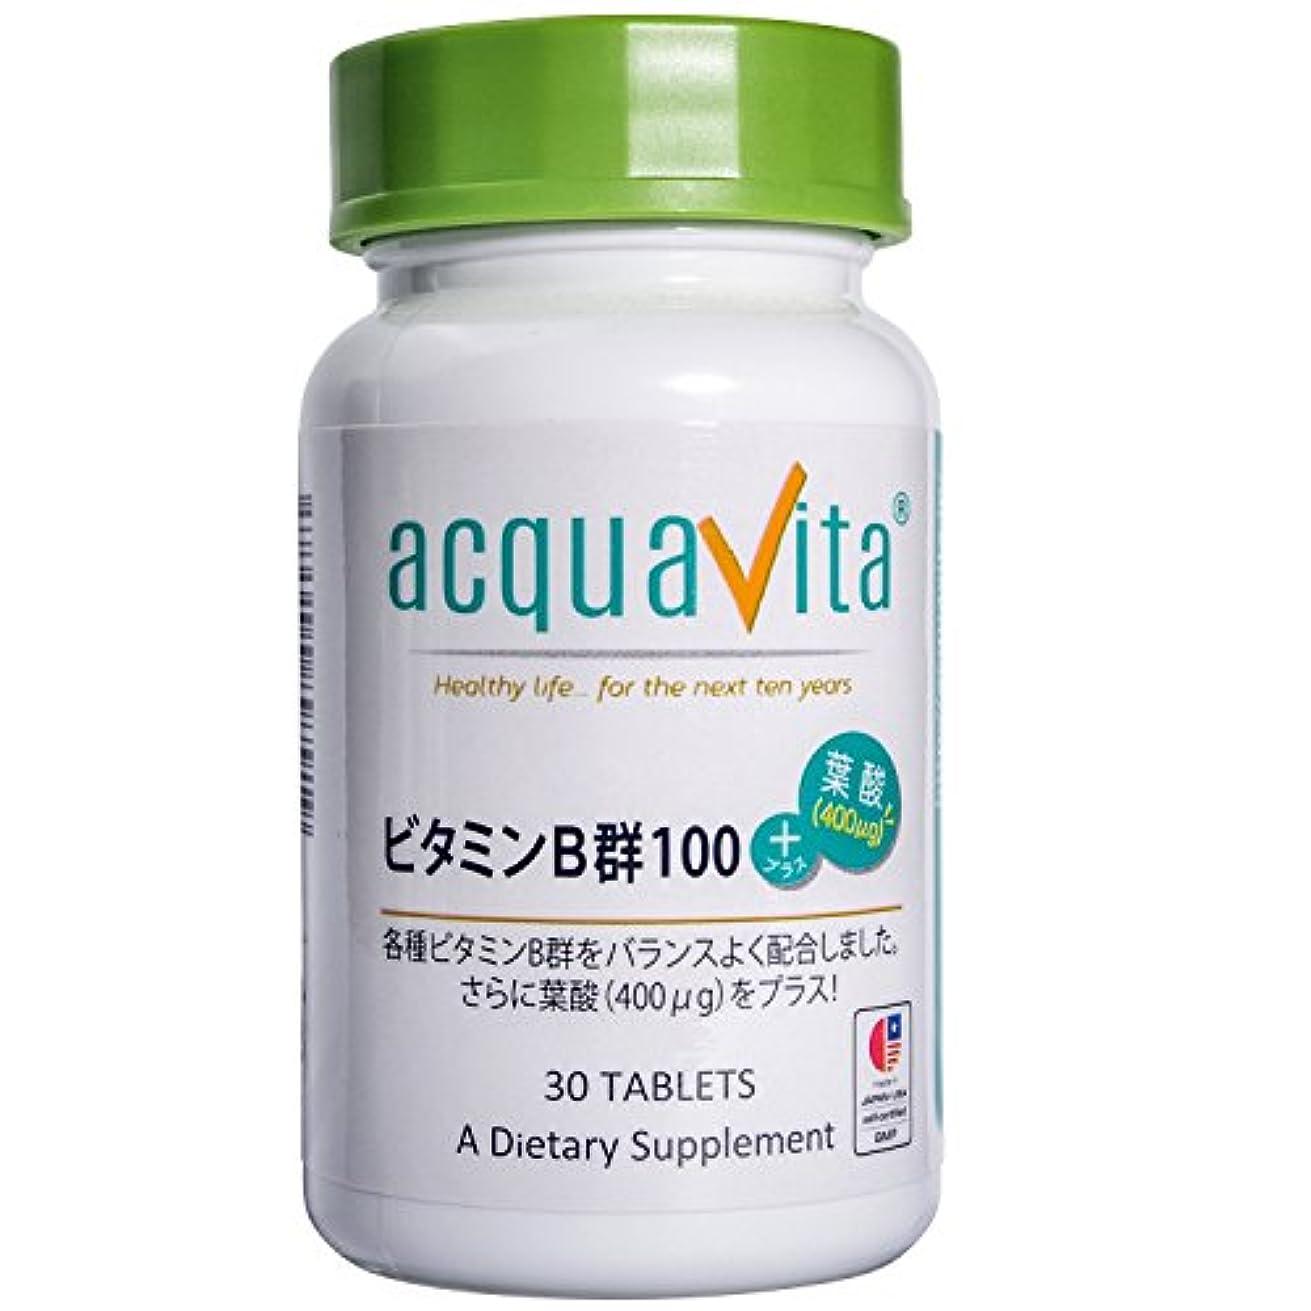 松明いわゆるプーノacquavita(アクアヴィータ) ビタミンB群100+葉酸(400μg) 30粒